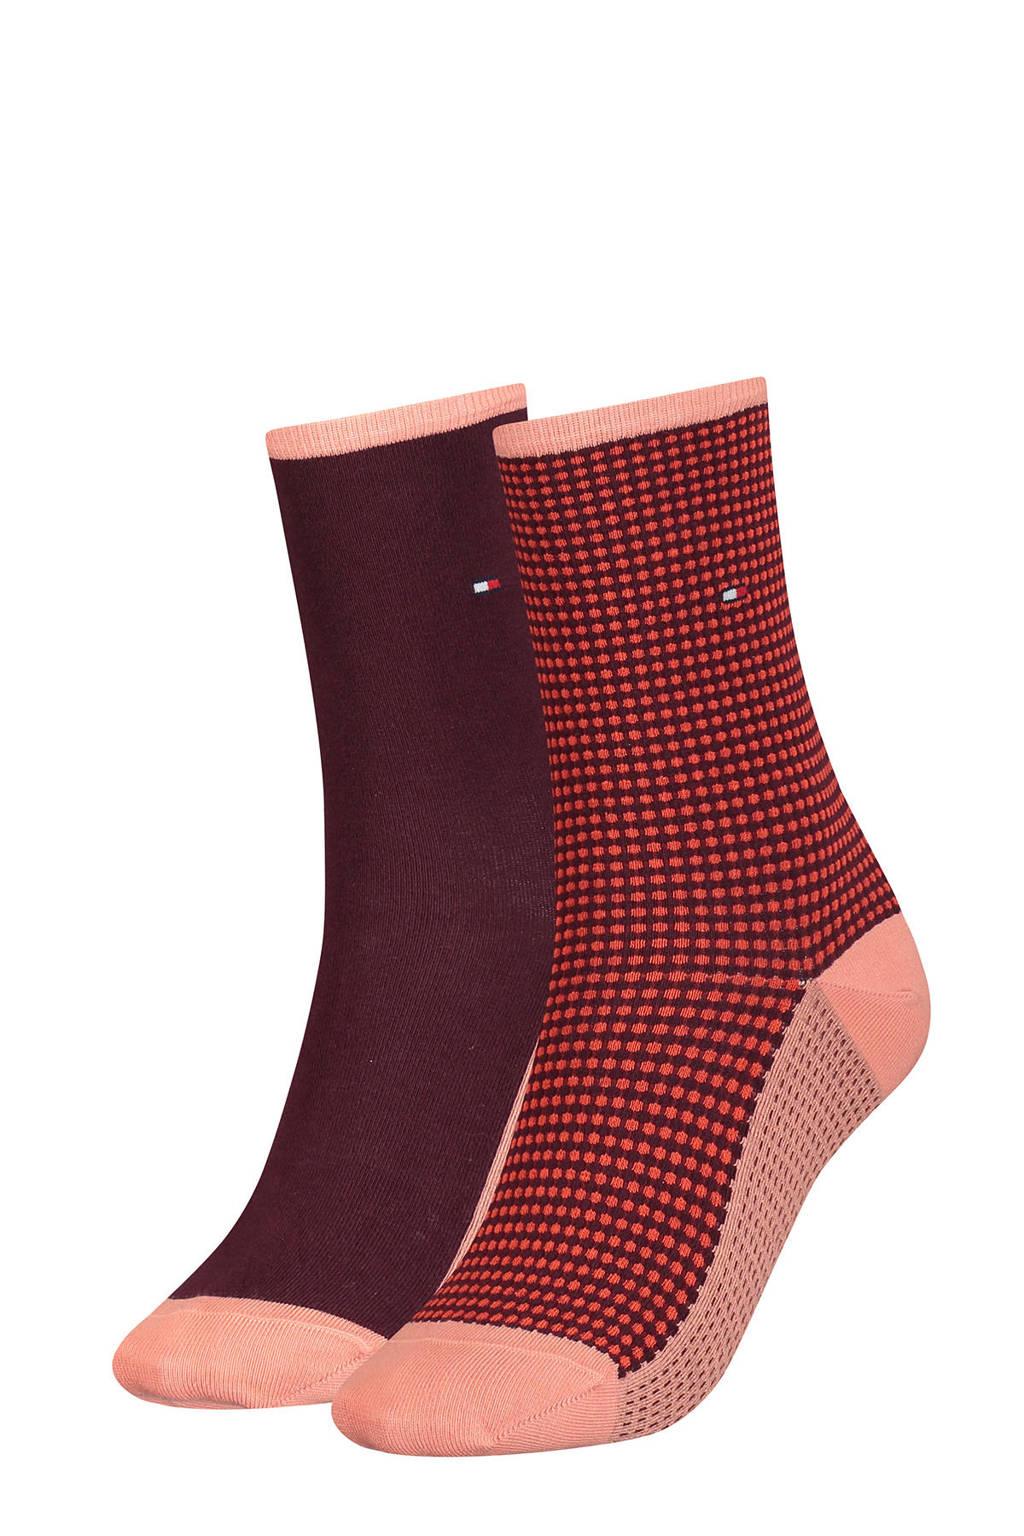 Tommy Hilfiger sokken - set van 2 rood/bordeauxrood, Rood/bordeauxrood